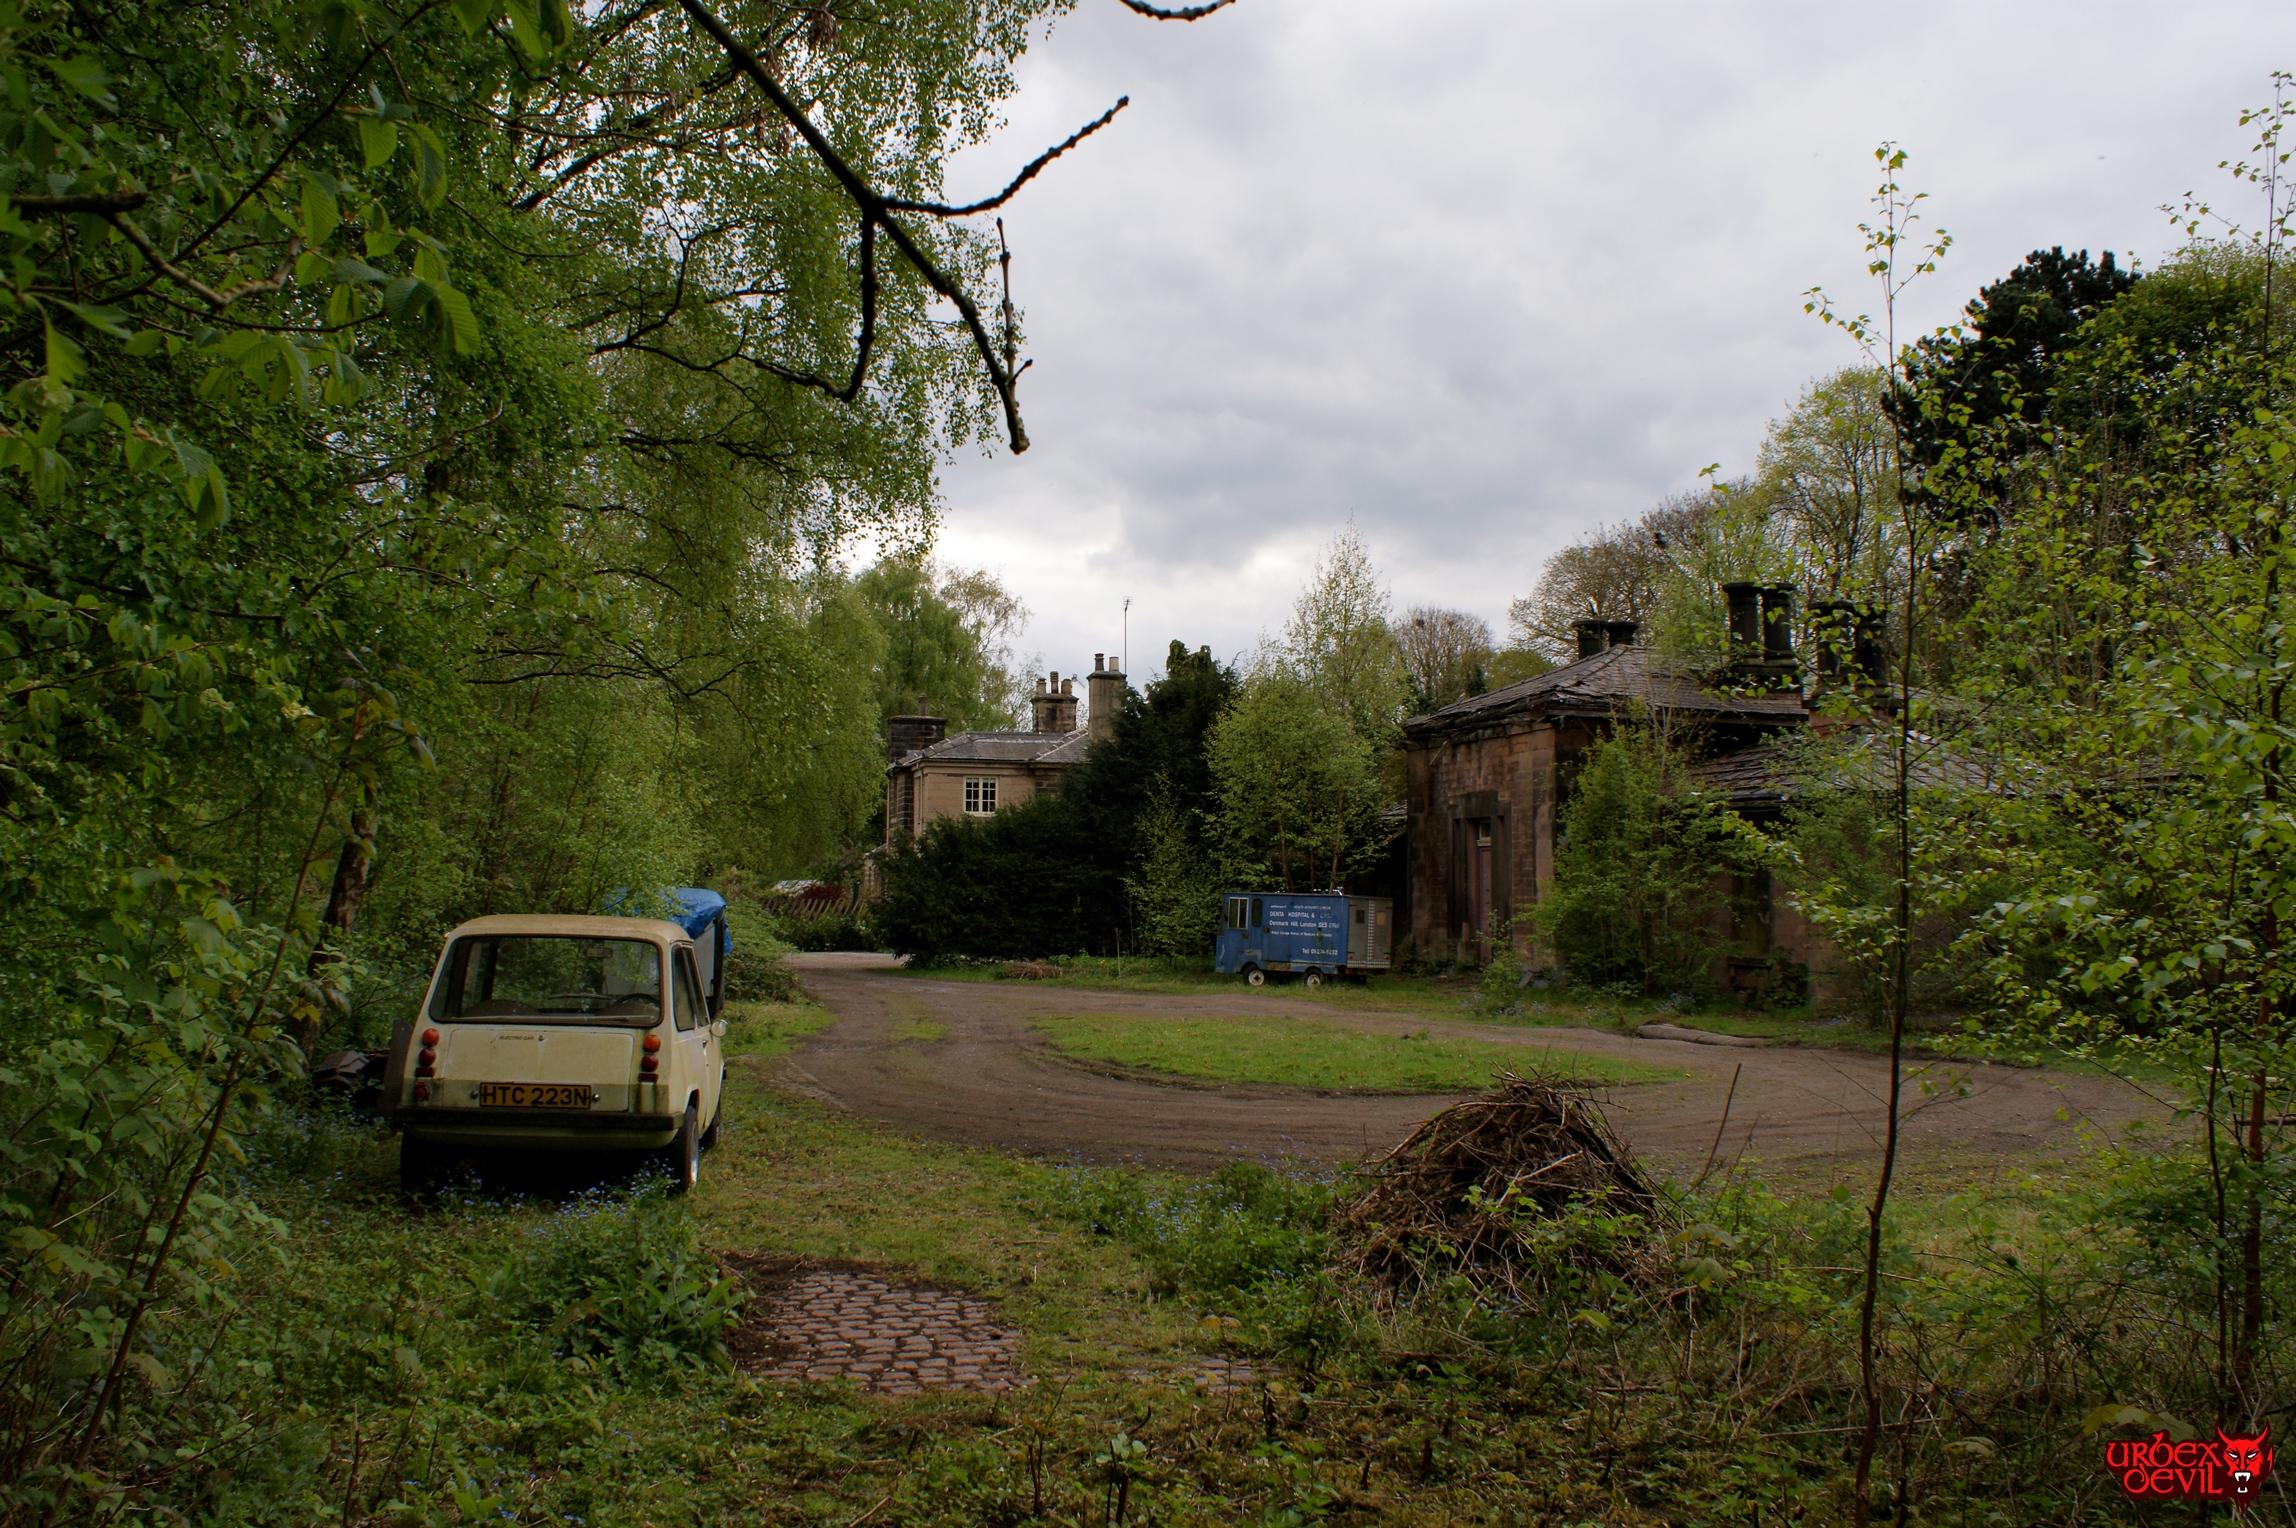 Wingfield Railway Station Urbex Devil